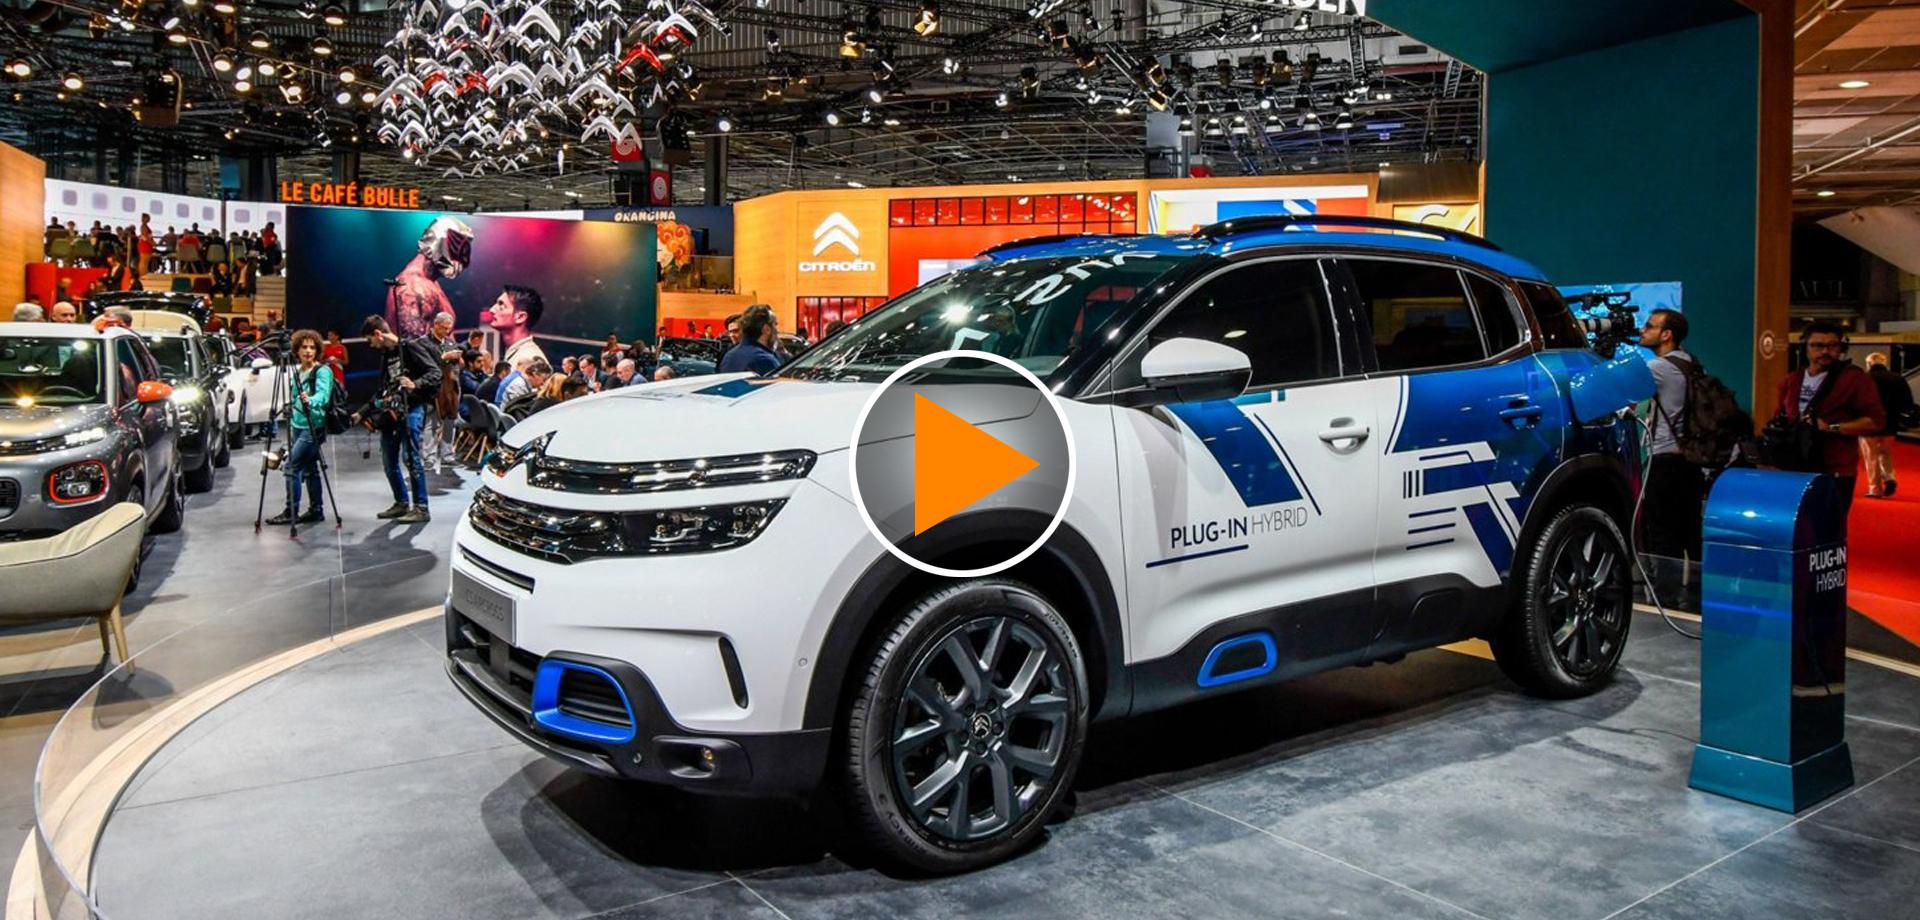 Citroën al Salone di Parigi 2018